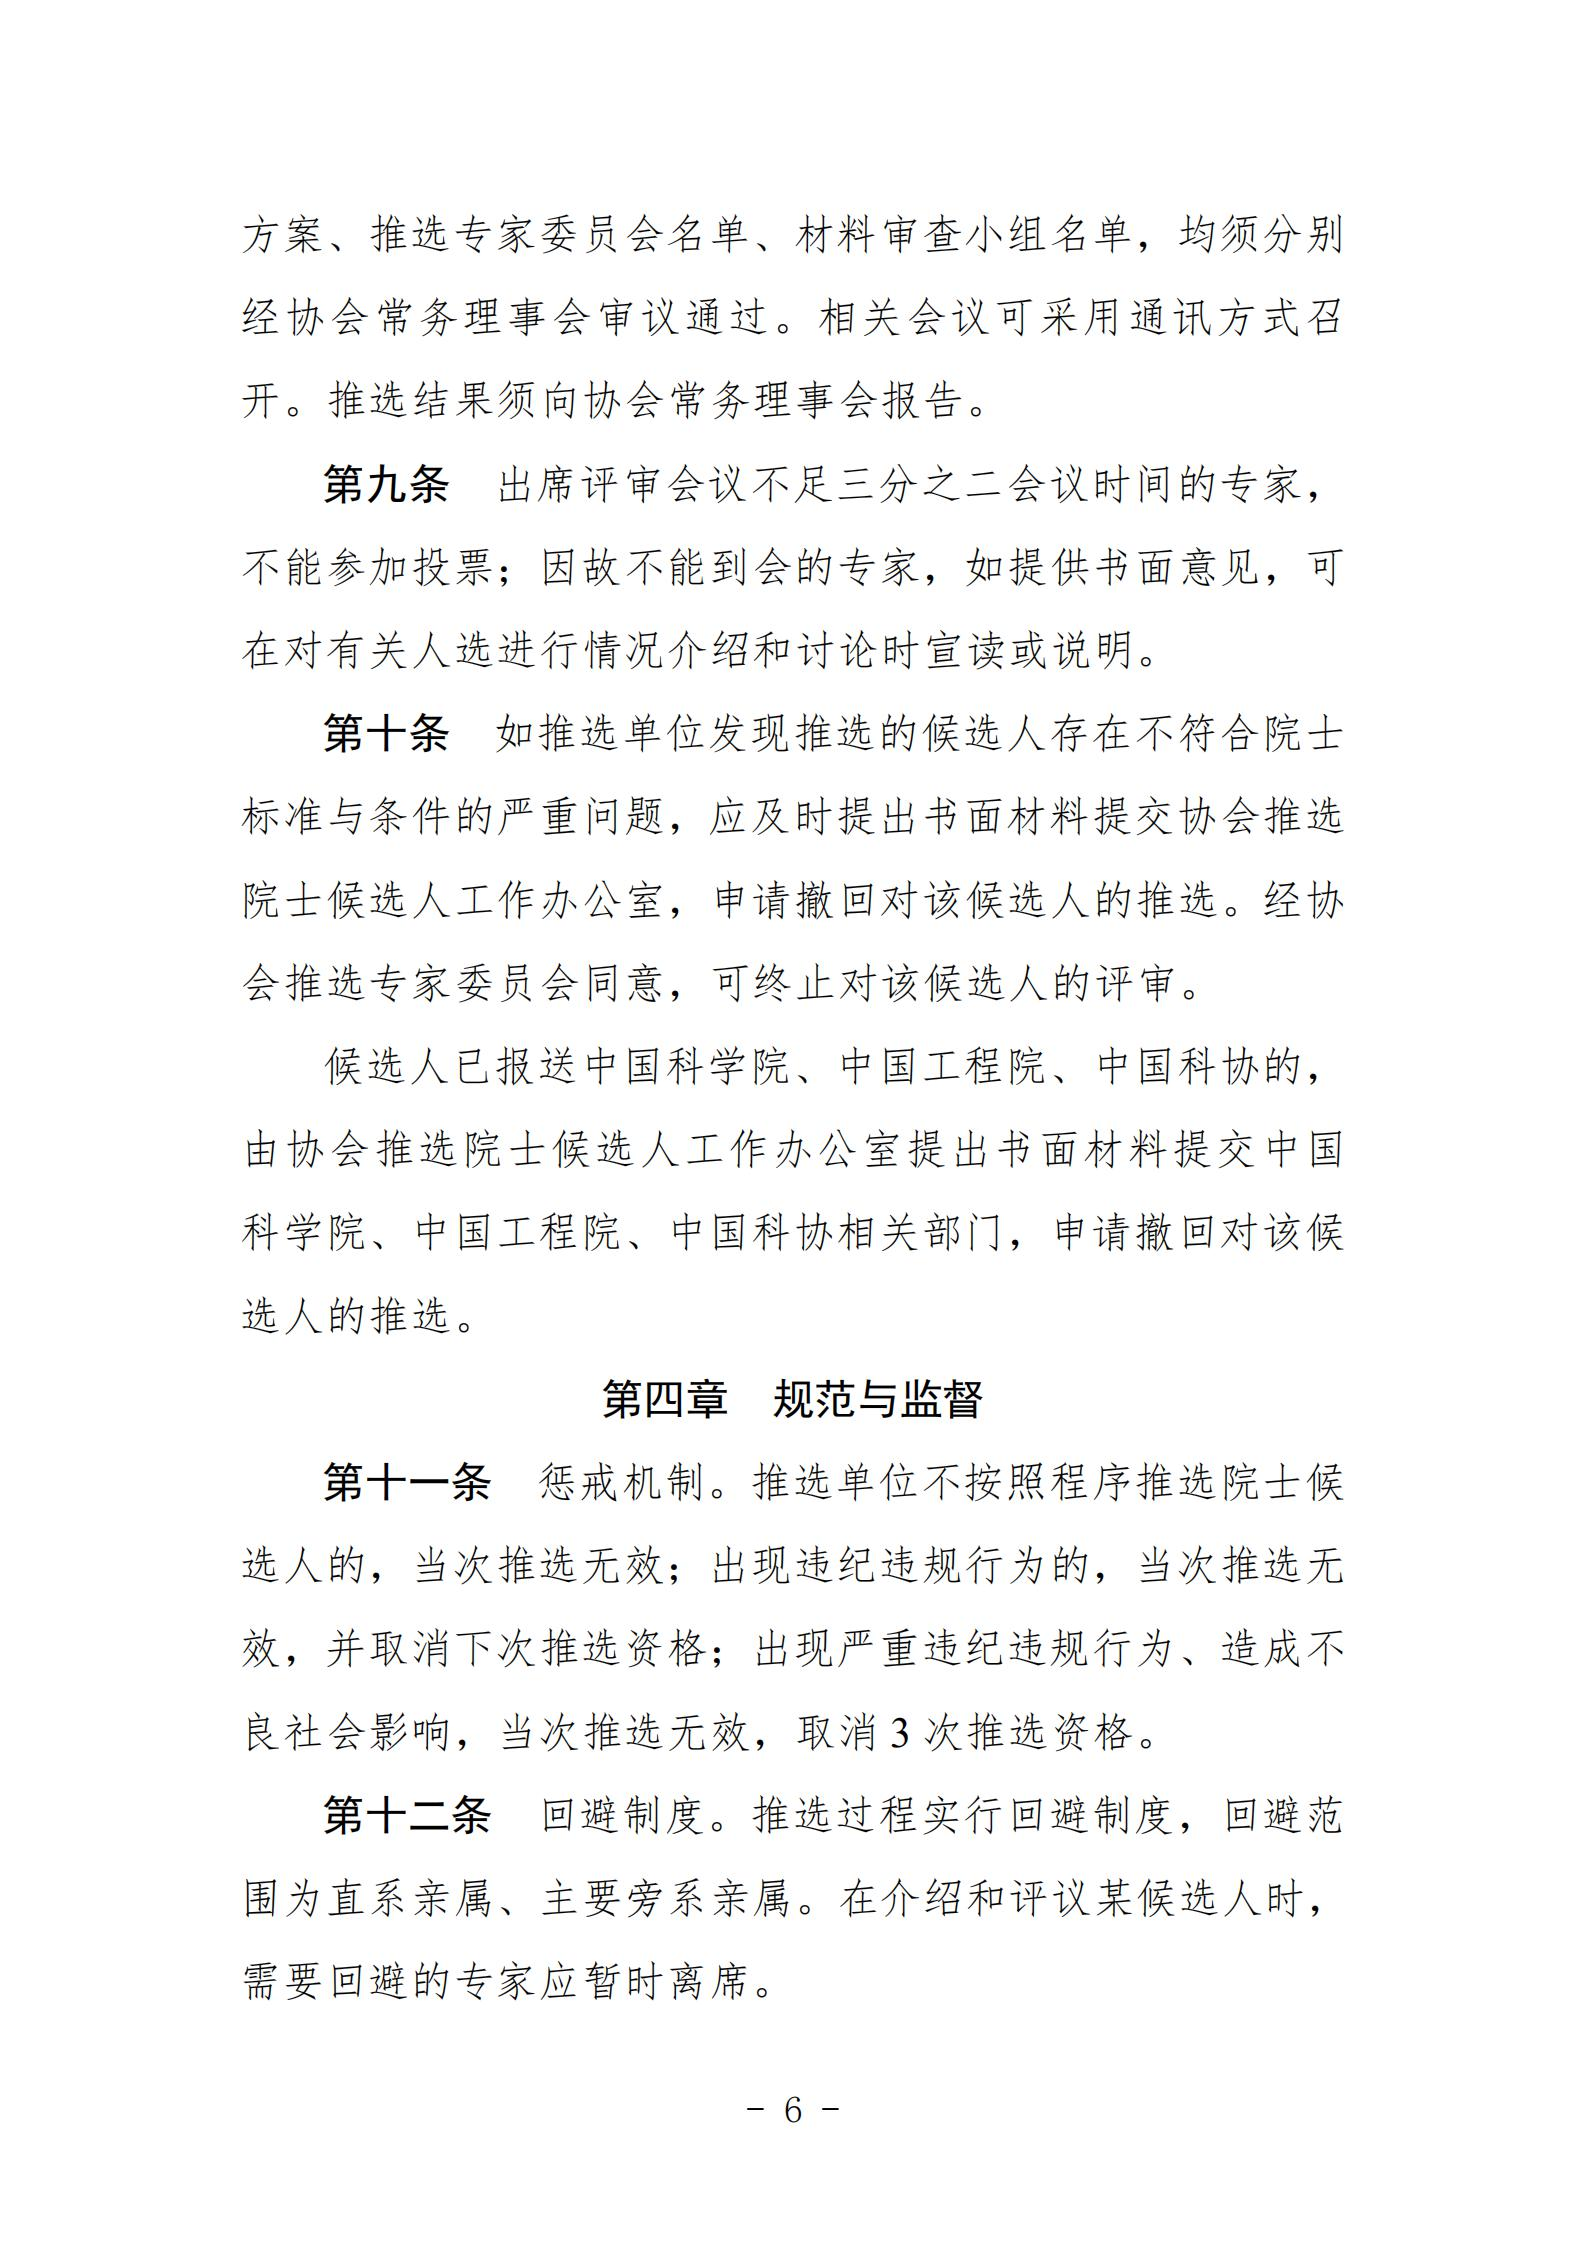 中國遙感應用協會關于組織推選2021年中國科學院和中國工程院院士候選人的通知_11.jpg